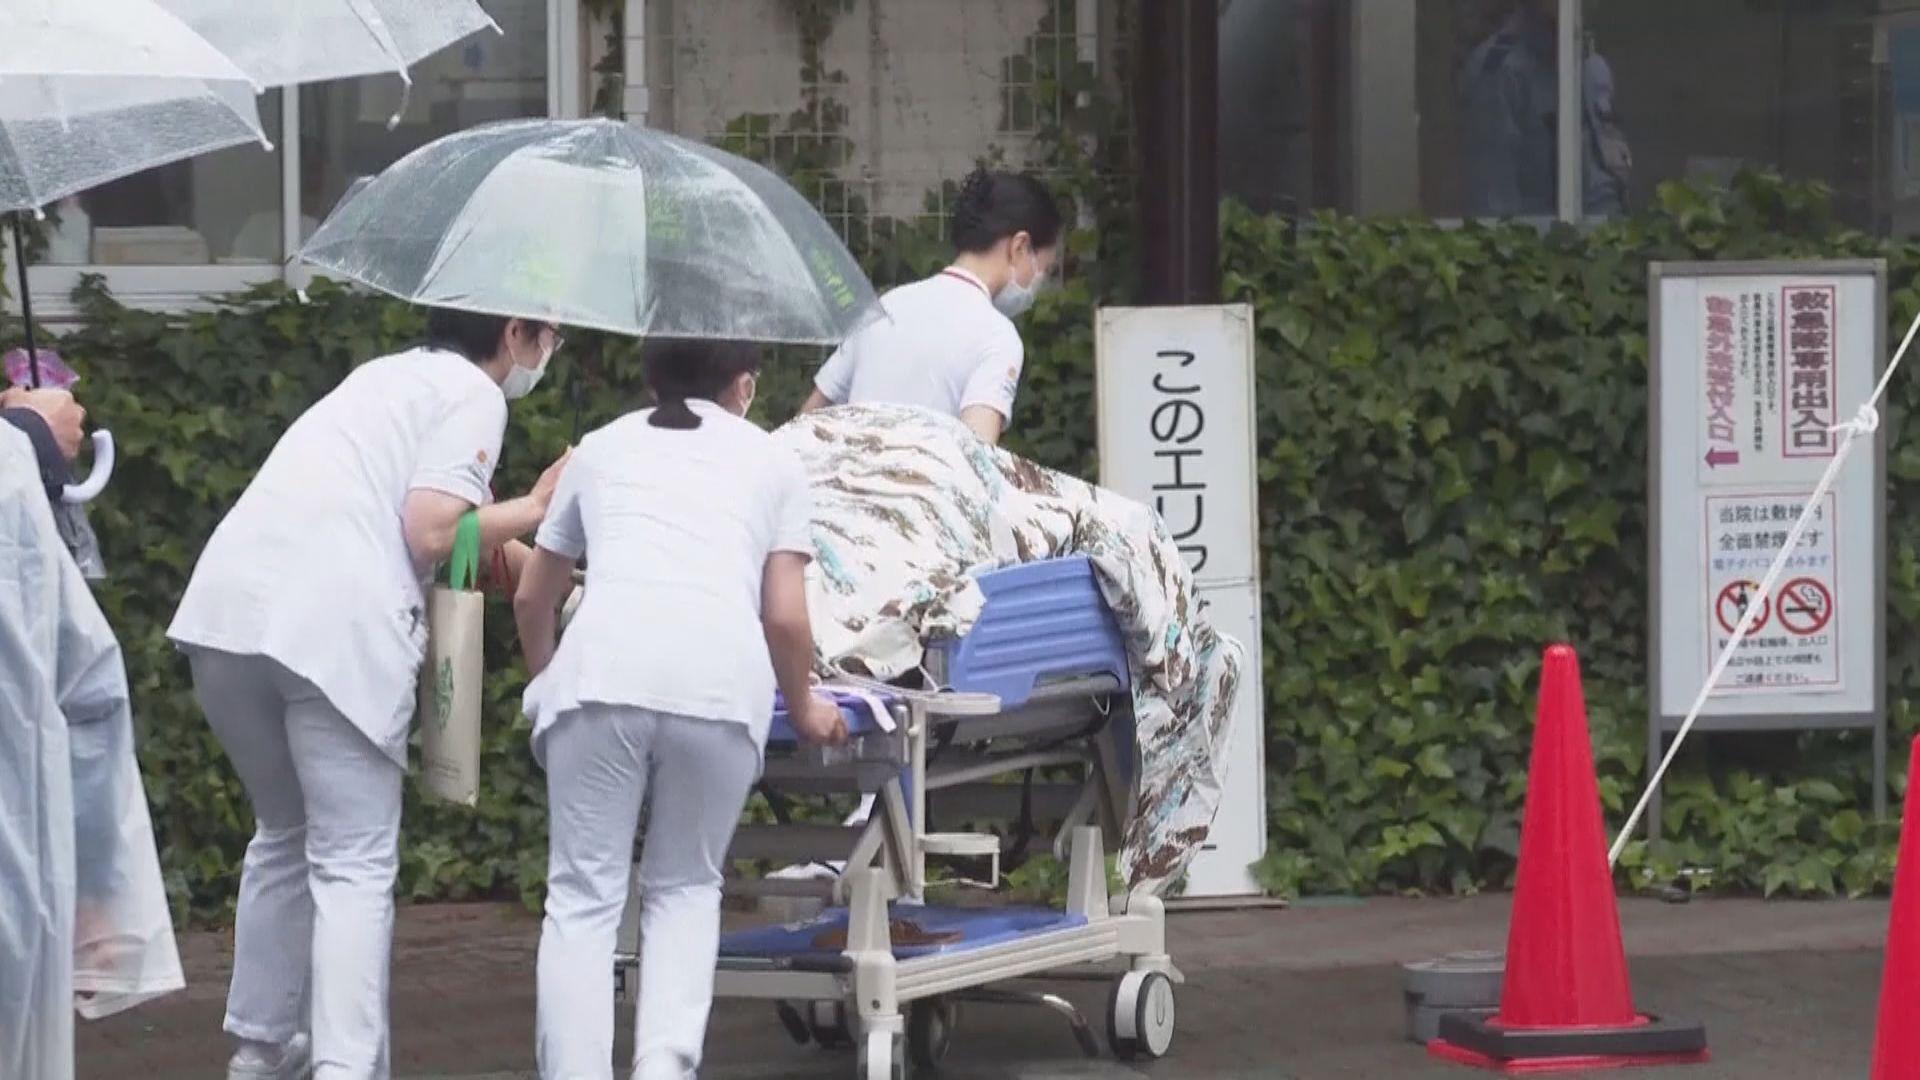 【環球薈報】日本疫情爆發衍生欺凌歧視問題